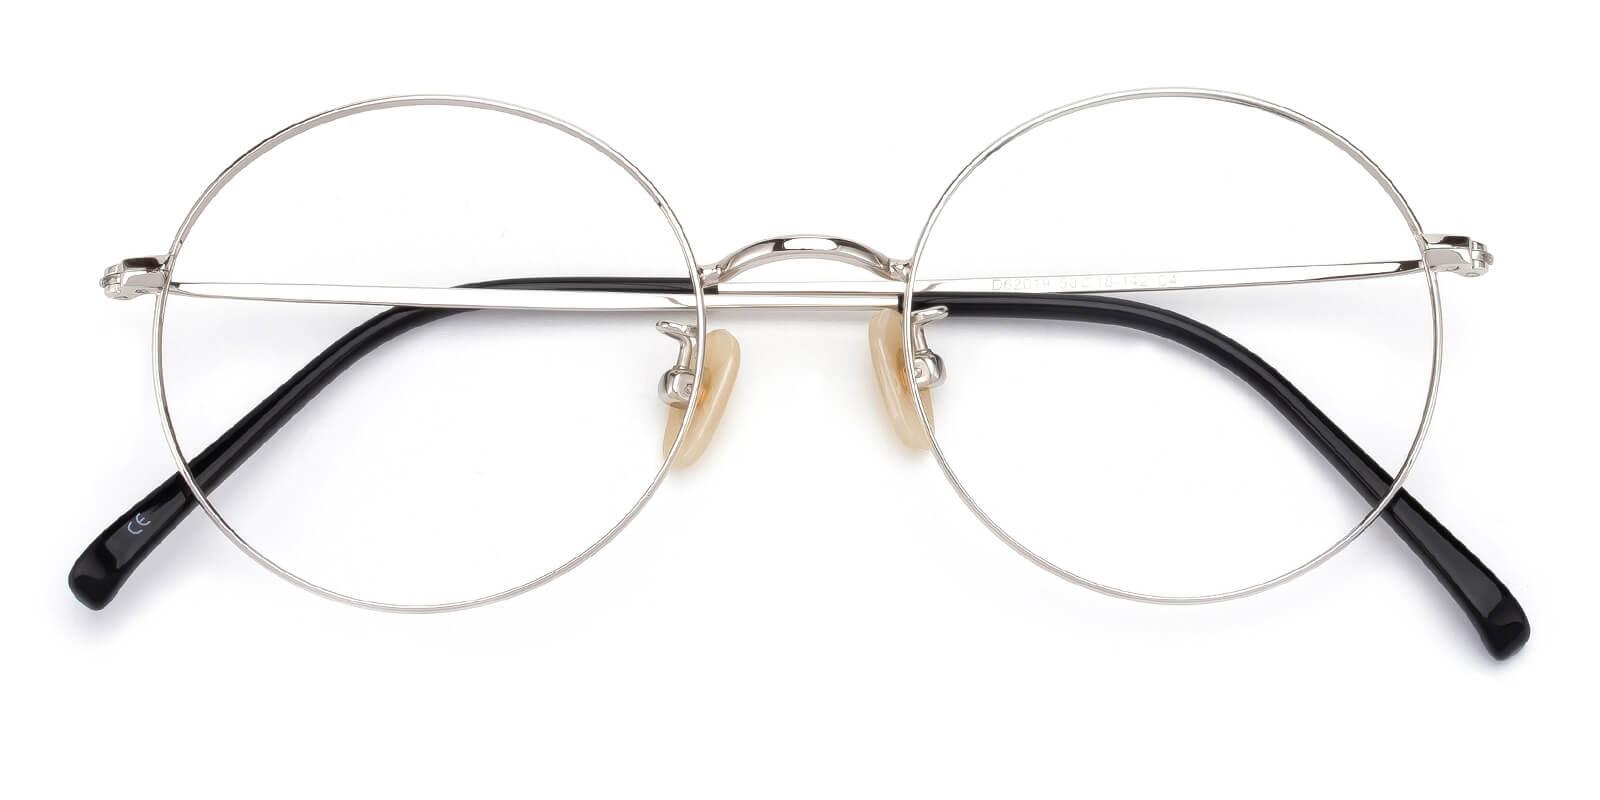 Theenity-Silver-Round-Titanium-Eyeglasses-detail